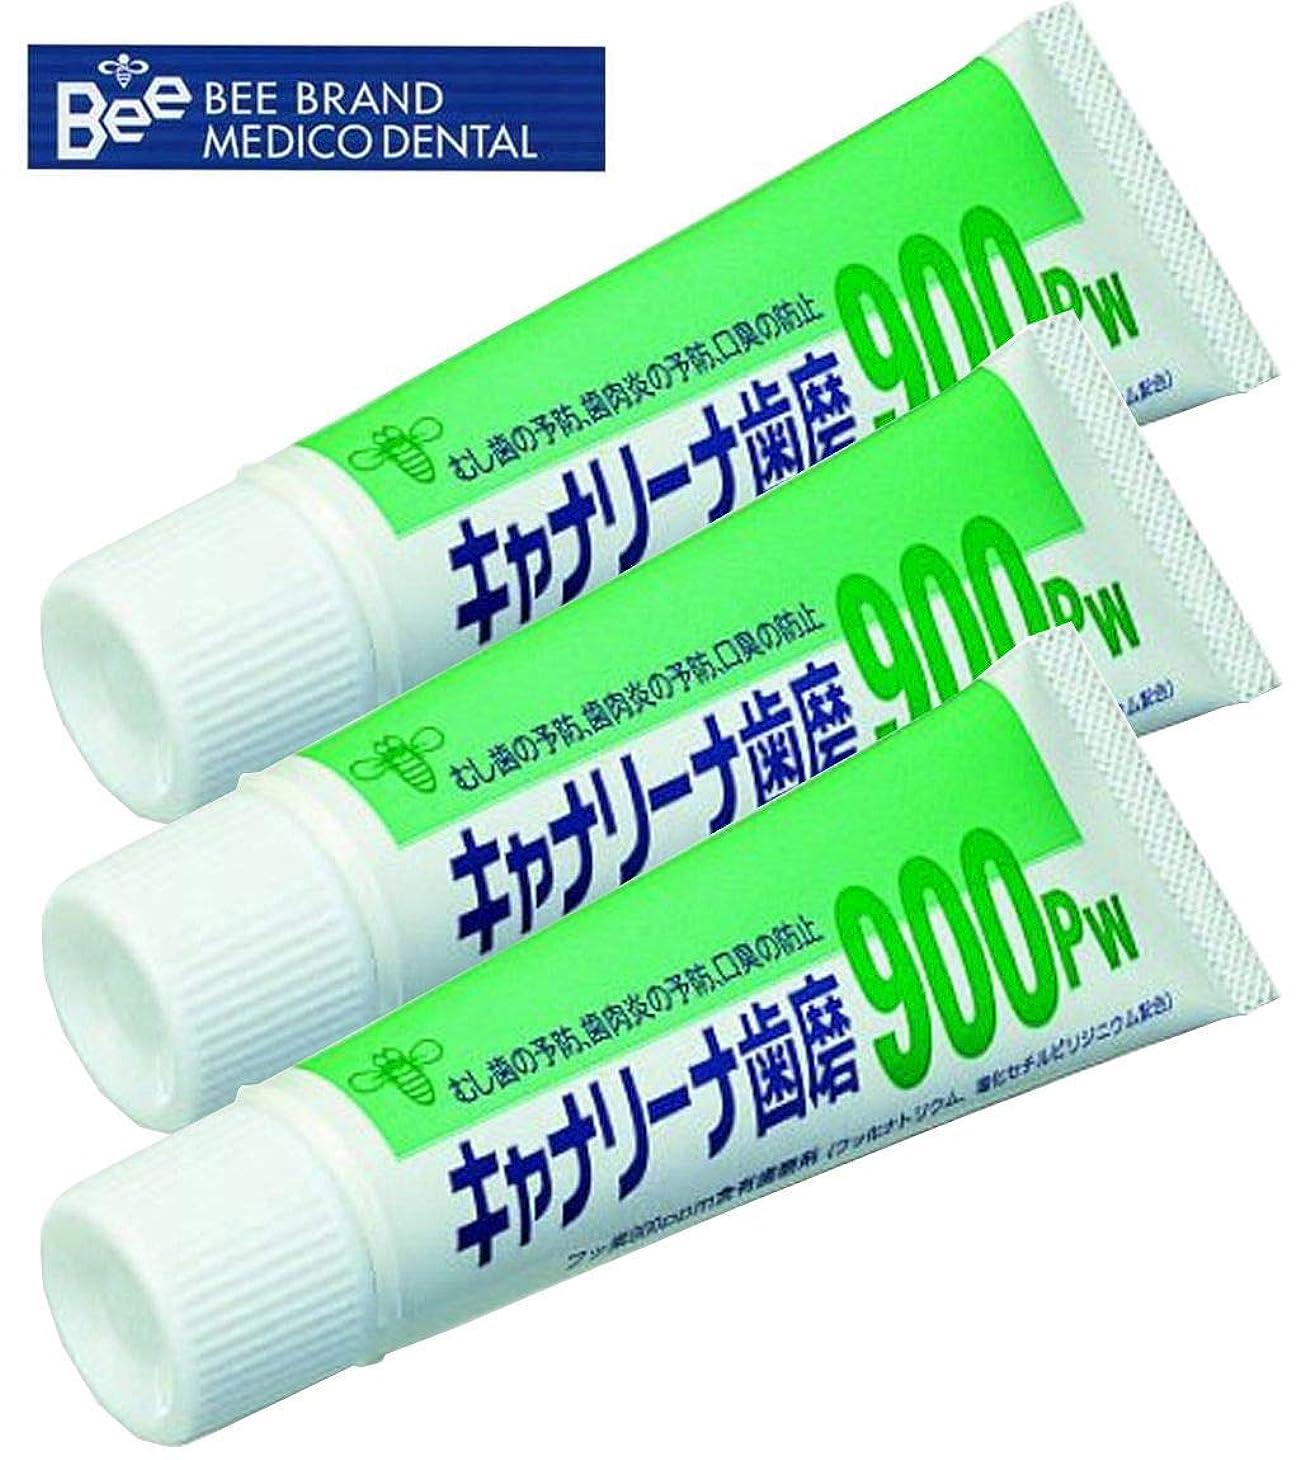 ファセット寛容発生ビーブランド(BeeBrand) キャナリーナ 歯磨 900Pw × 3本セット 医薬部外品